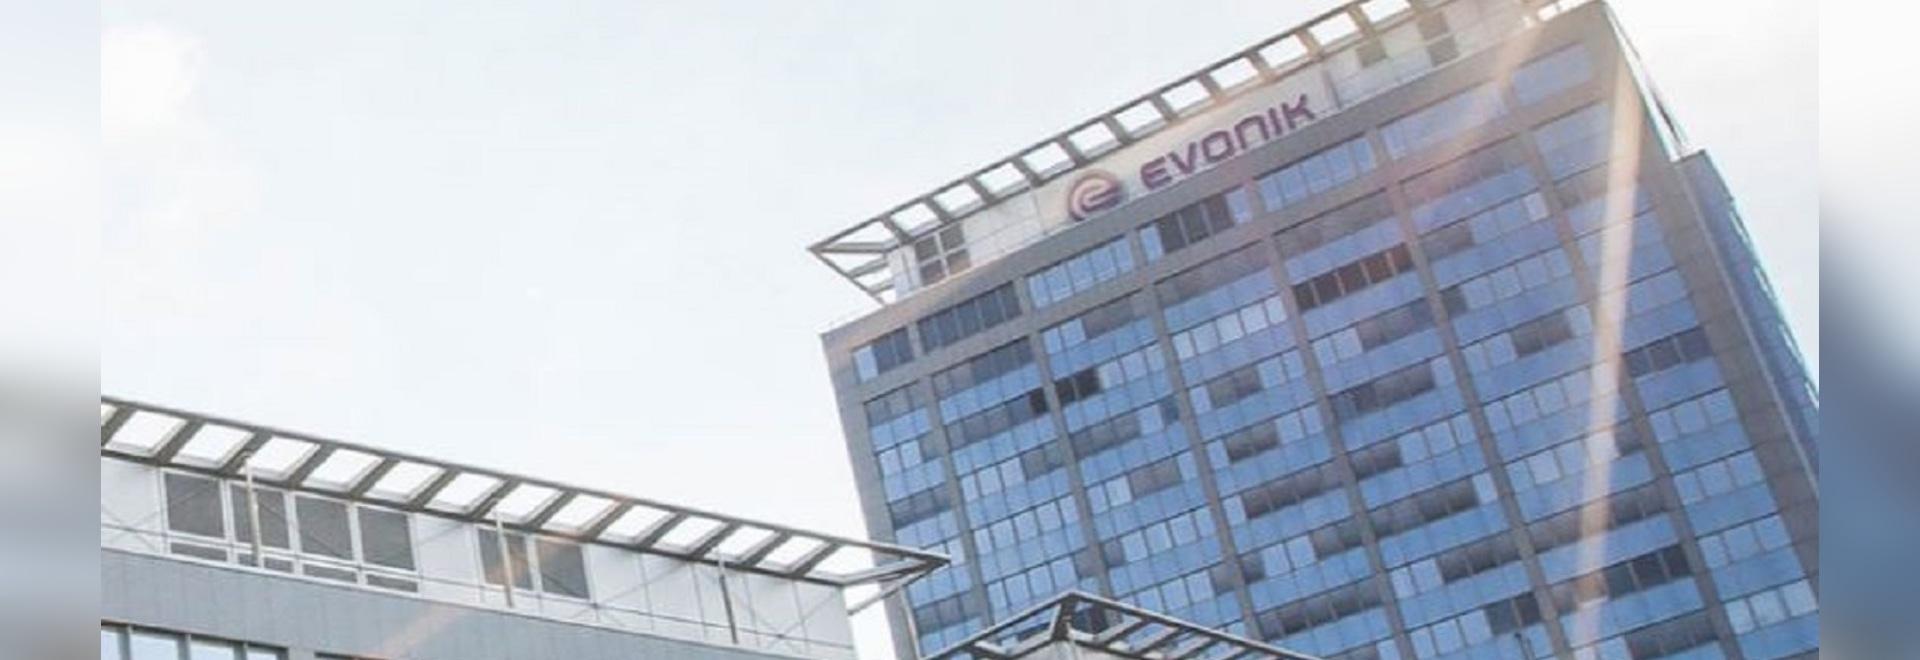 Evonik para lanzar el agente anticorrosión e ignífugo